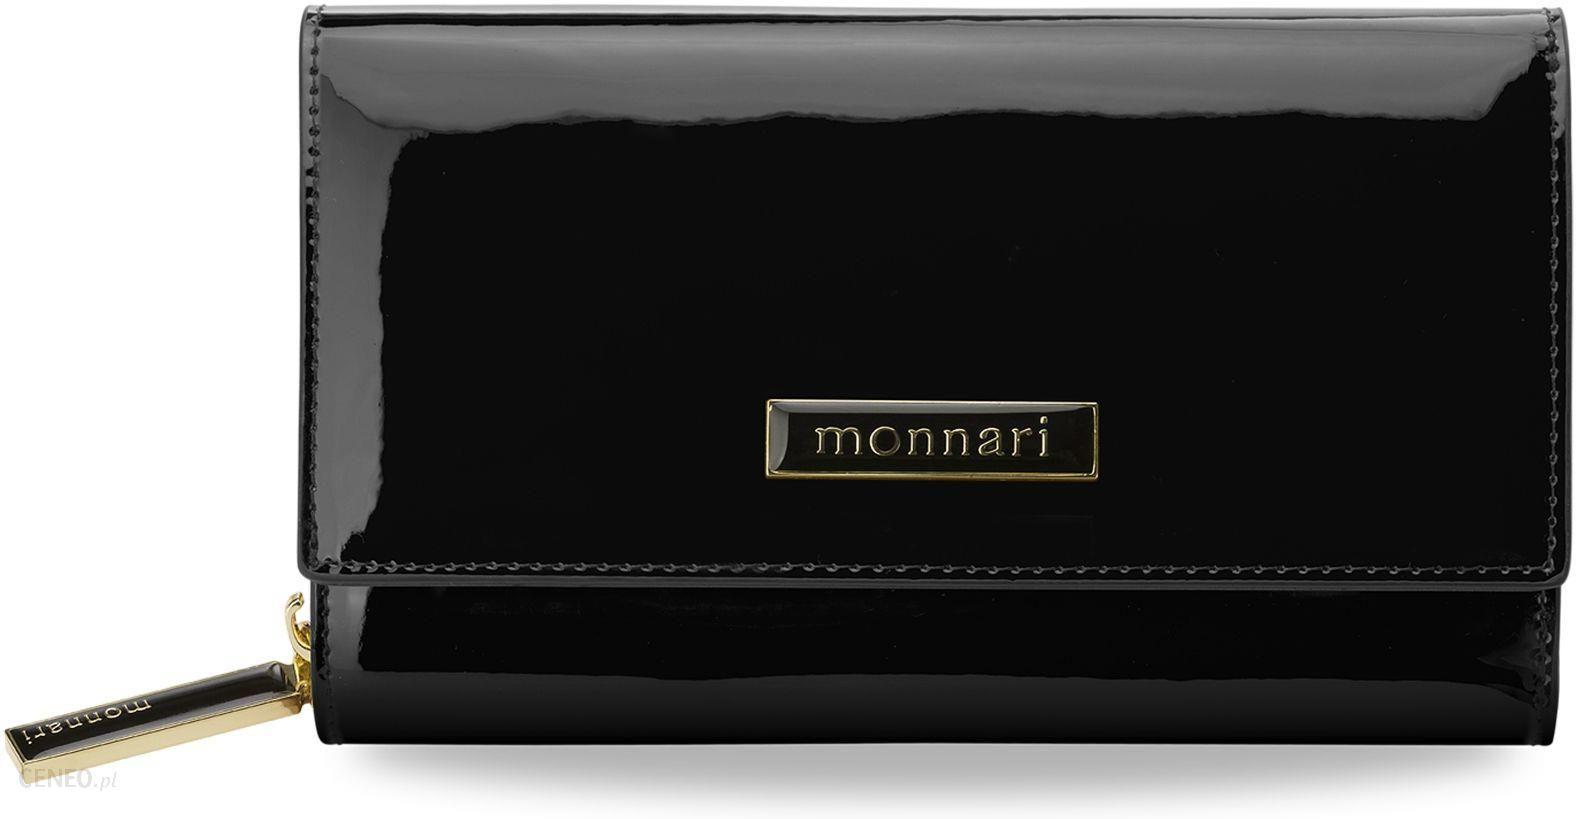 f362866a0829e Ekskluzywny portfel damski skórzany monnari na zamek i zatrzaski - czarny -  zdjęcie 1